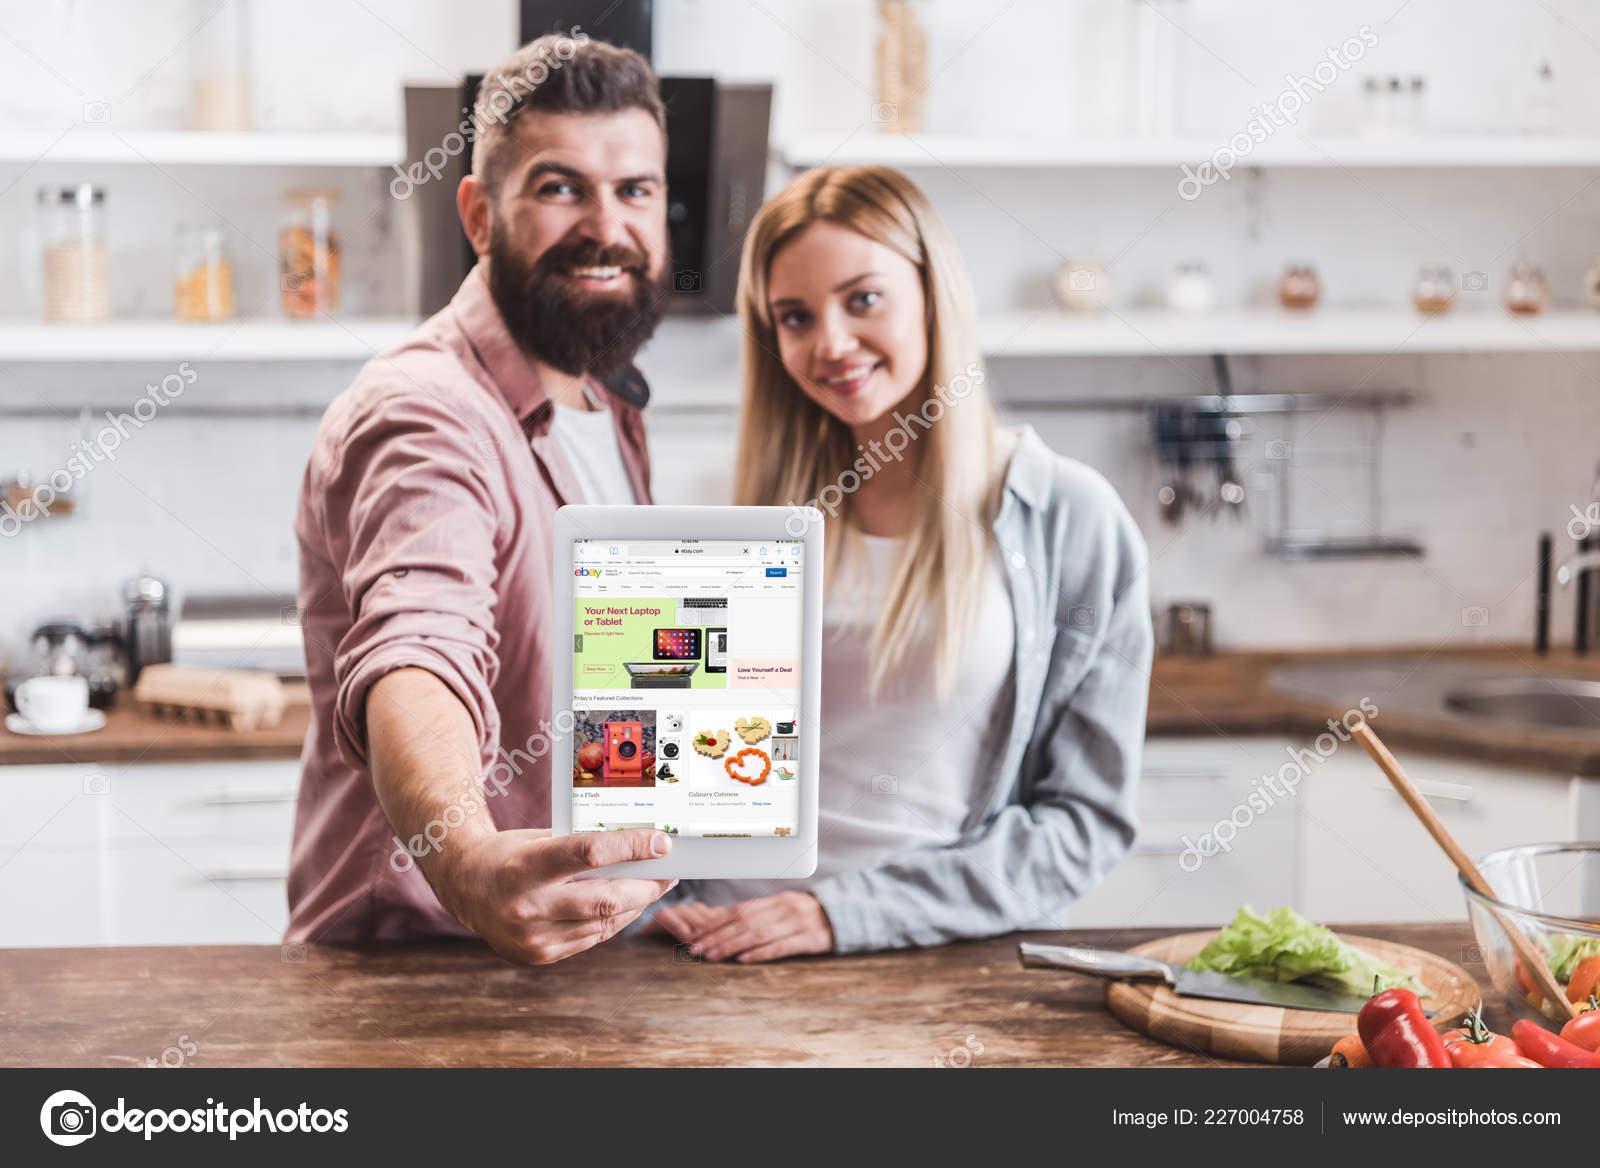 ebay kitchen king cabinets 夫妇拿着数字平板电脑与易趣应用程序在屏幕上在厨房 图库社论照片